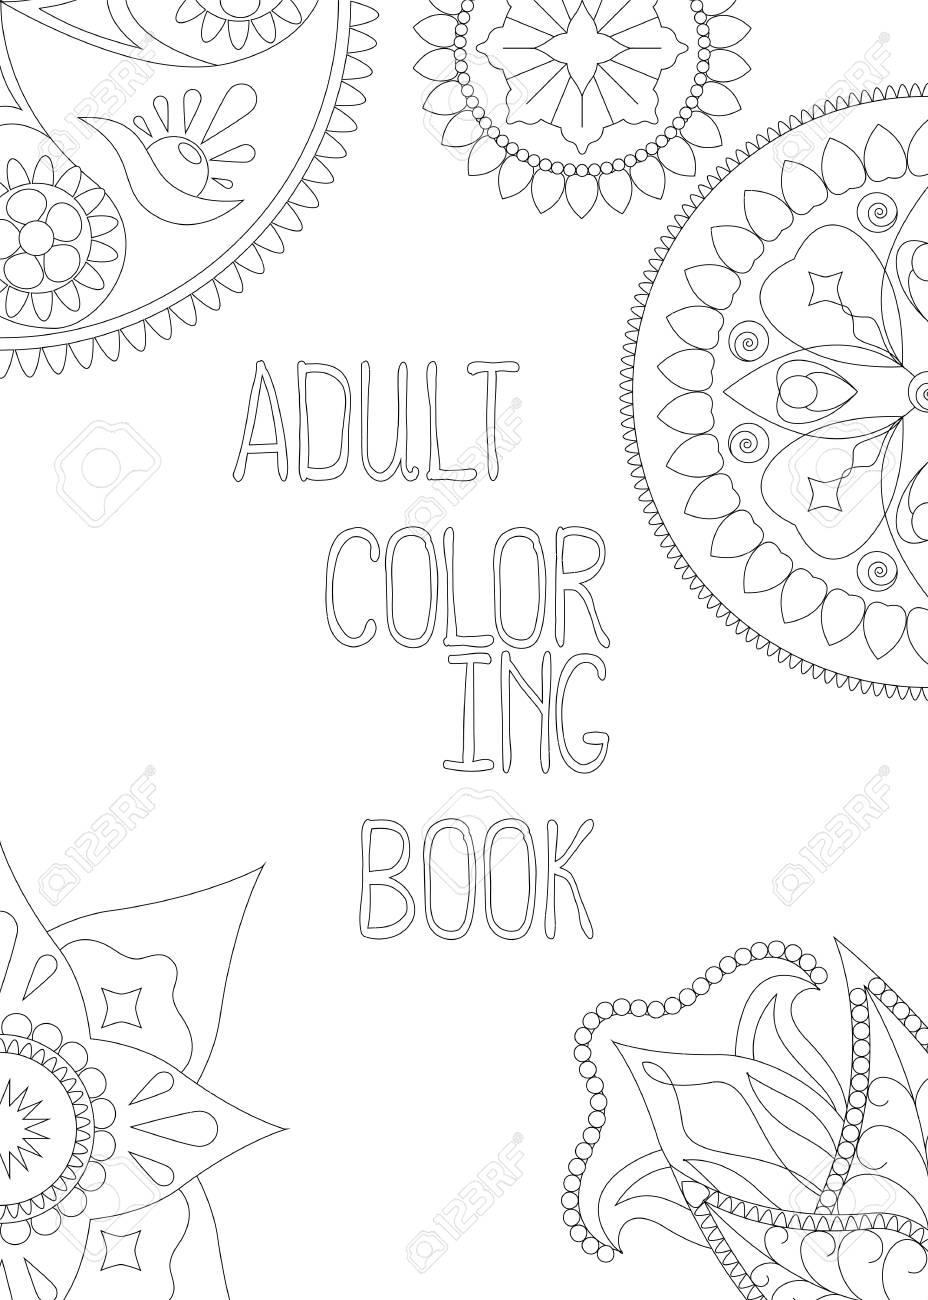 Cubierta Adulta Del Libro De Colorear, Ilustración Vertical Del ...